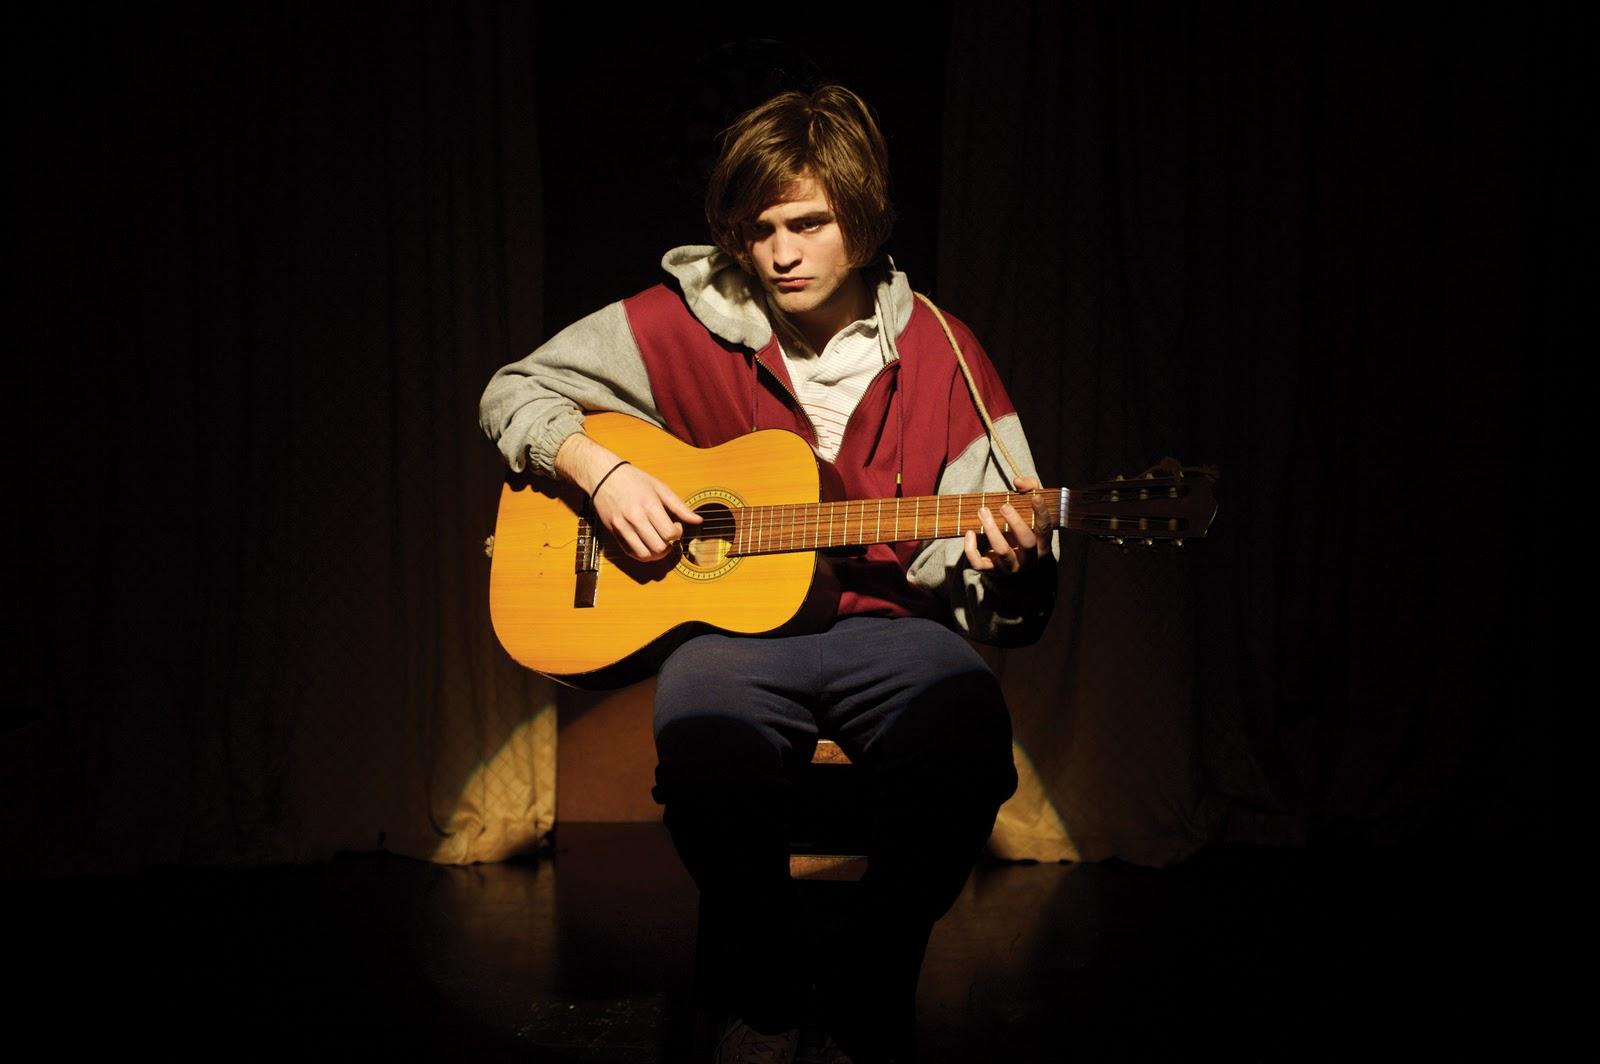 Robert Pattinson música